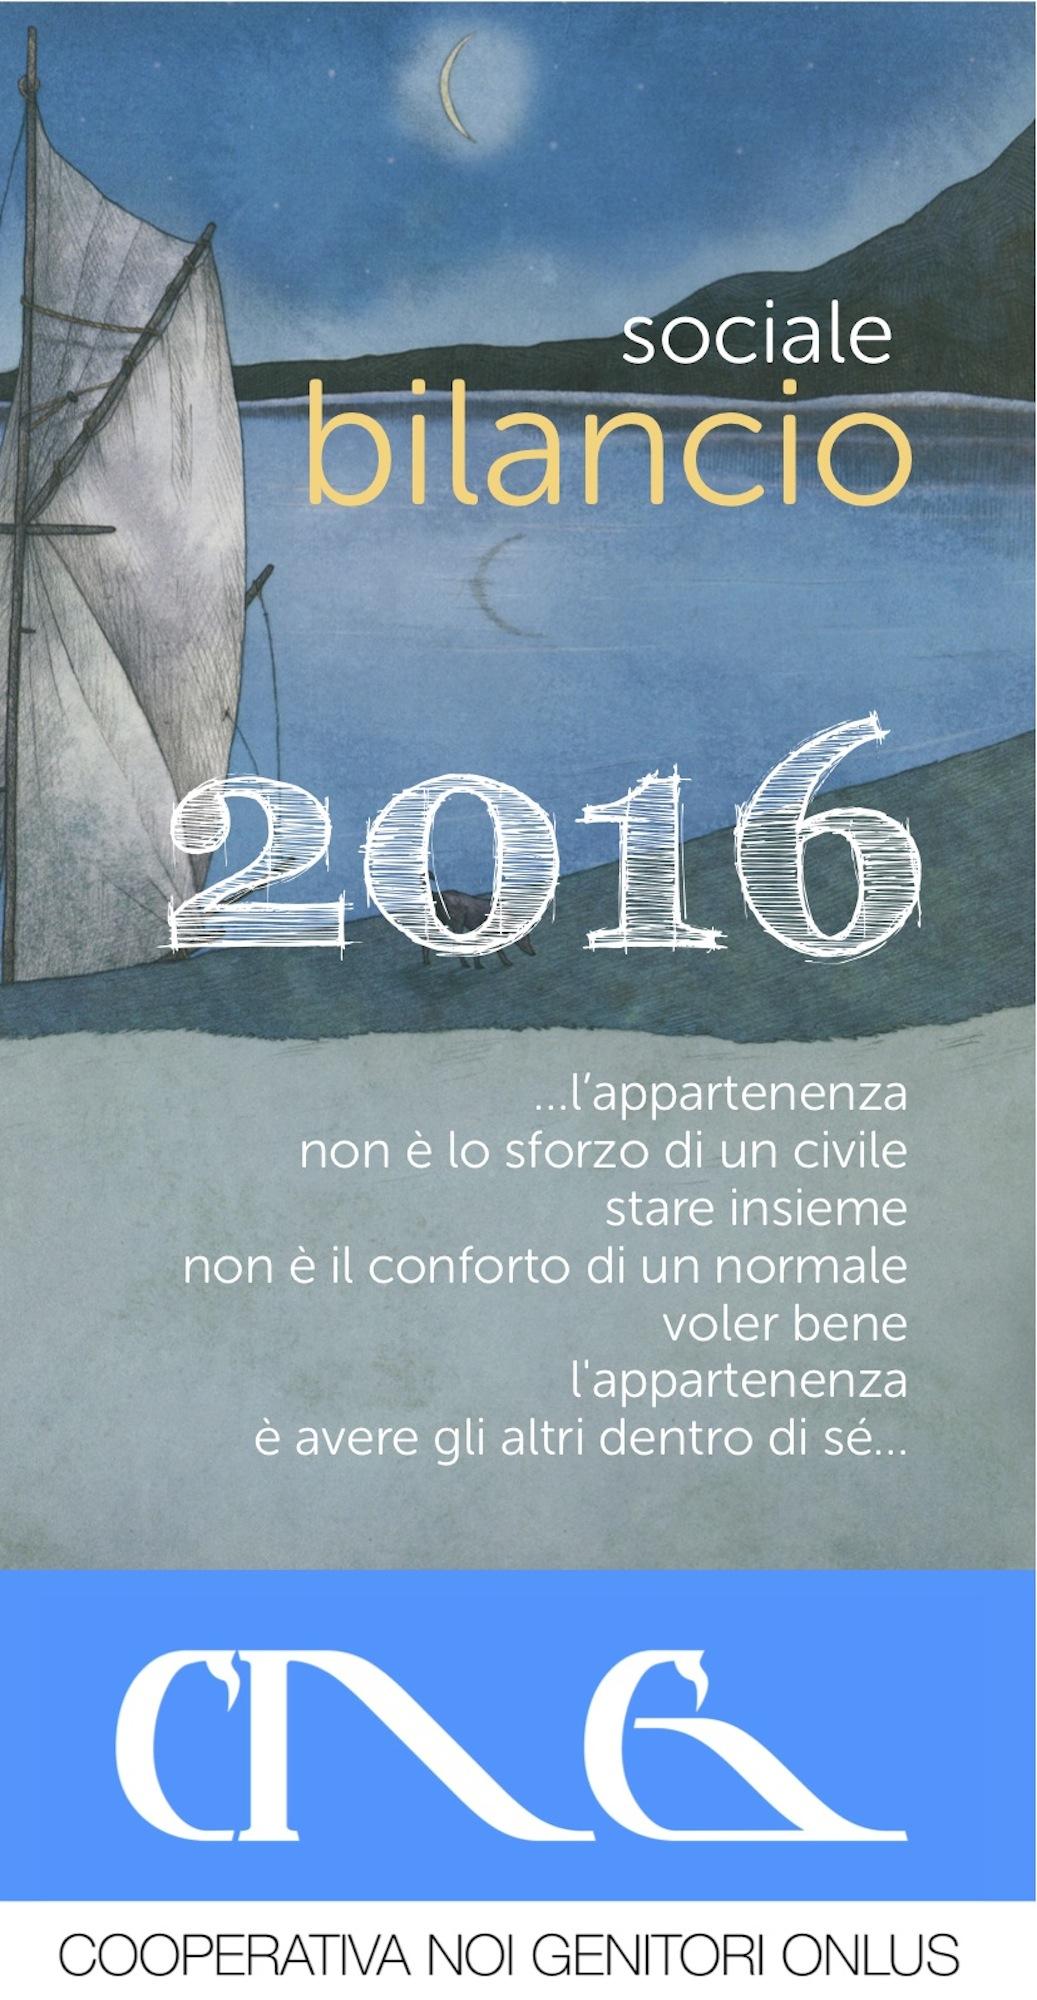 BRES 2016